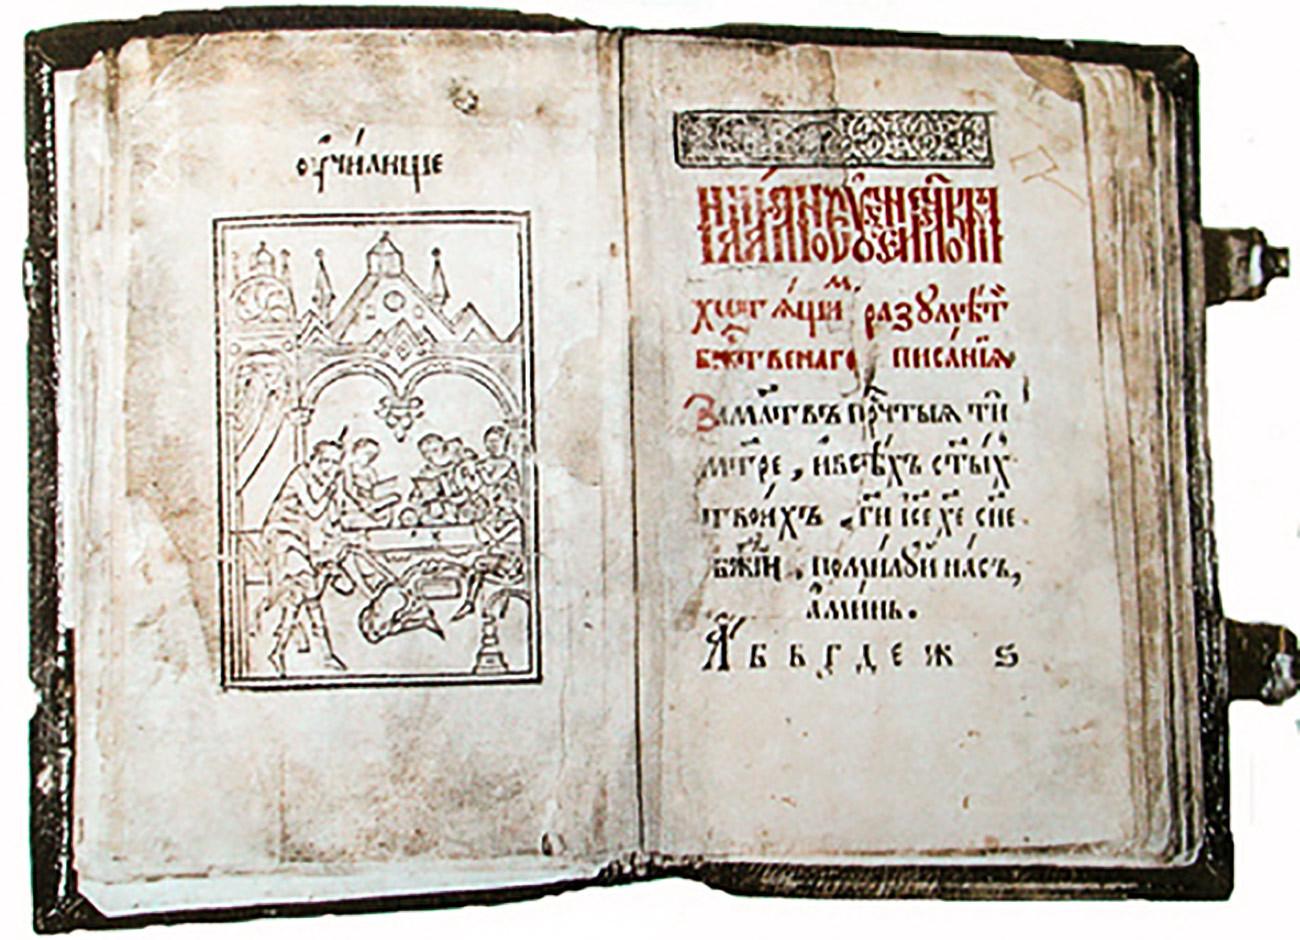 ワシリー・ブルツォフによる初等読本、1637